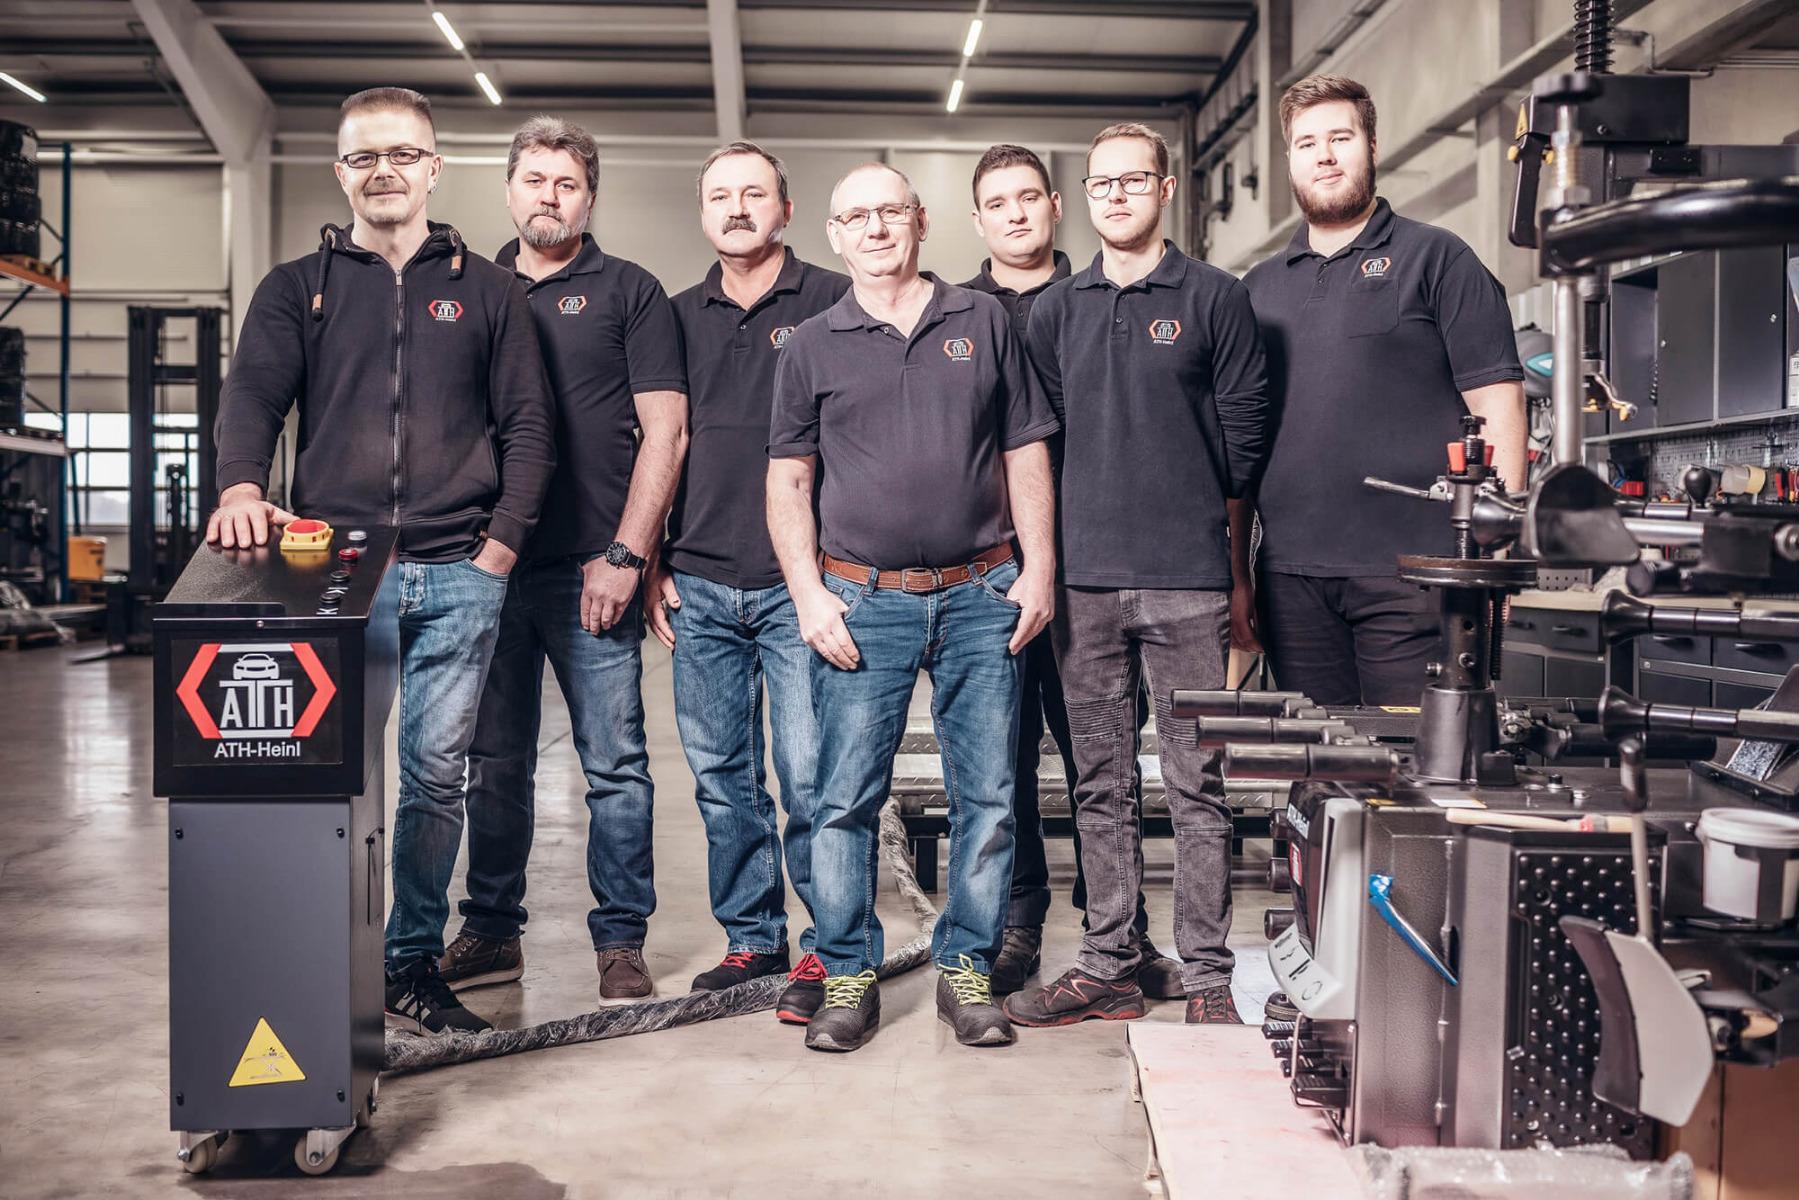 ATH-Team_Werkstatt